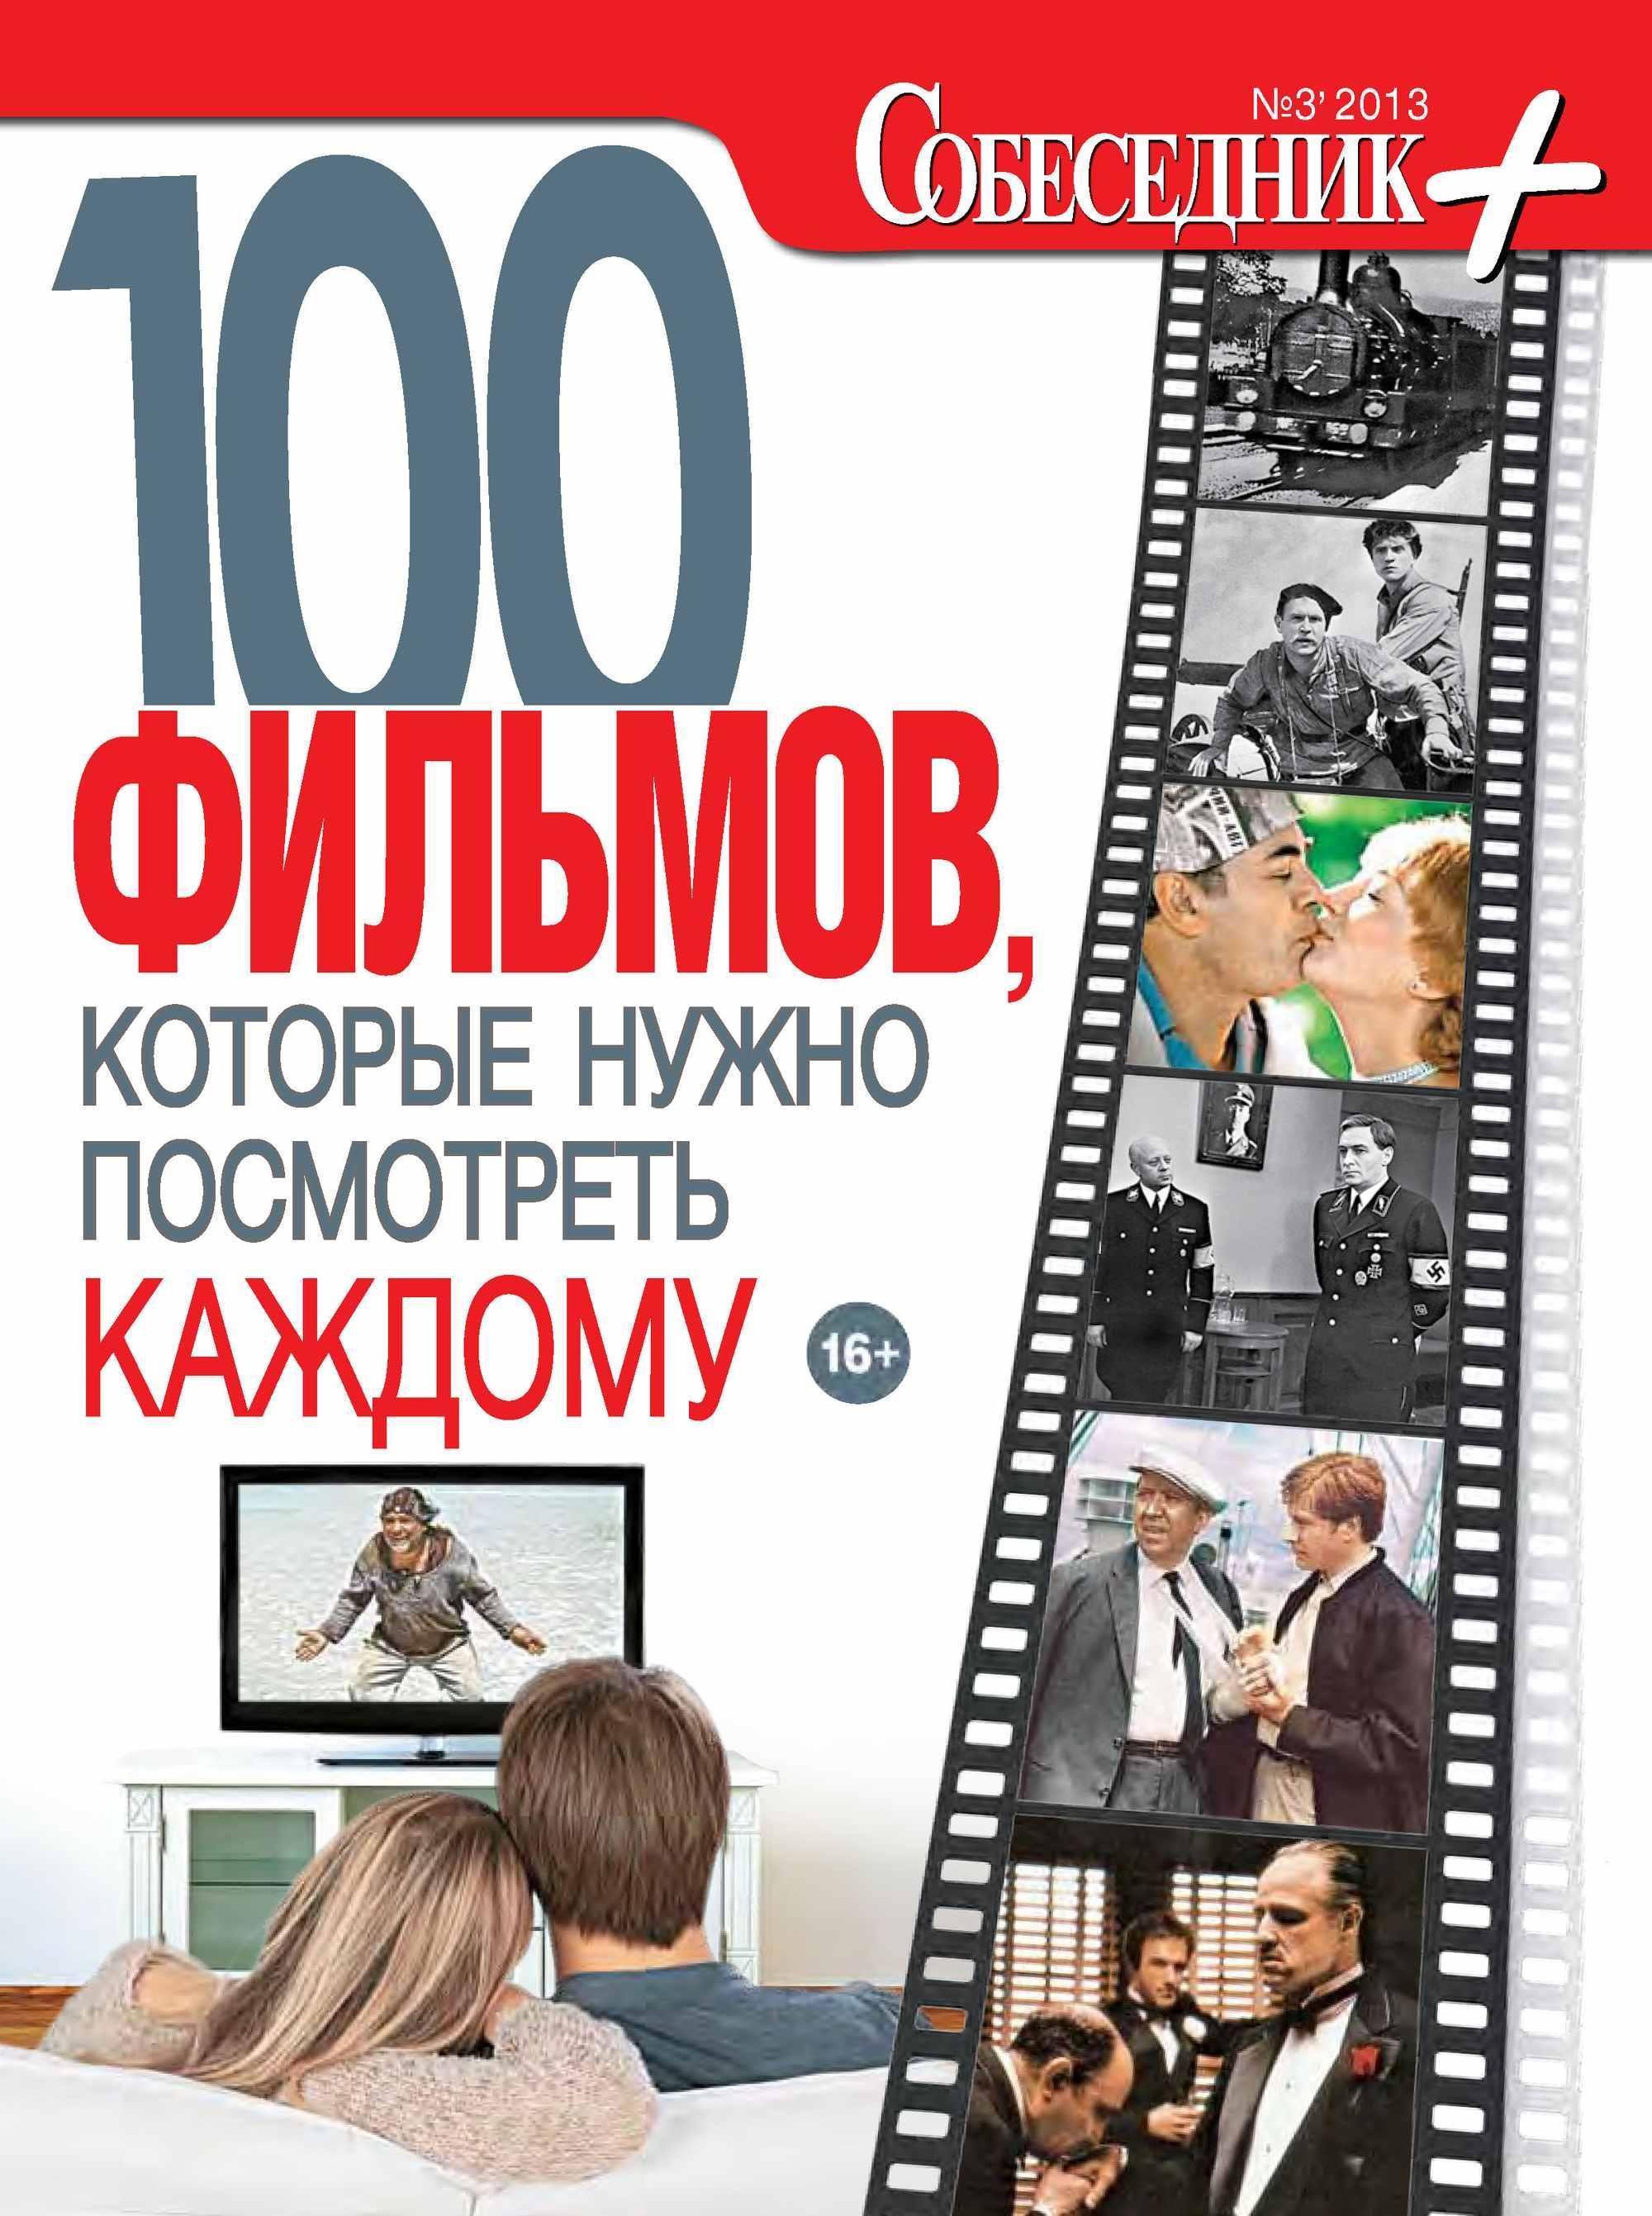 Отсутствует Собеседник плюс №03/2013. 100 фильмов, которые нужно посмотреть каждому отсутствует собеседник плюс 05 2013 100 изобретений которые повлияли на жизнь каждого из нас